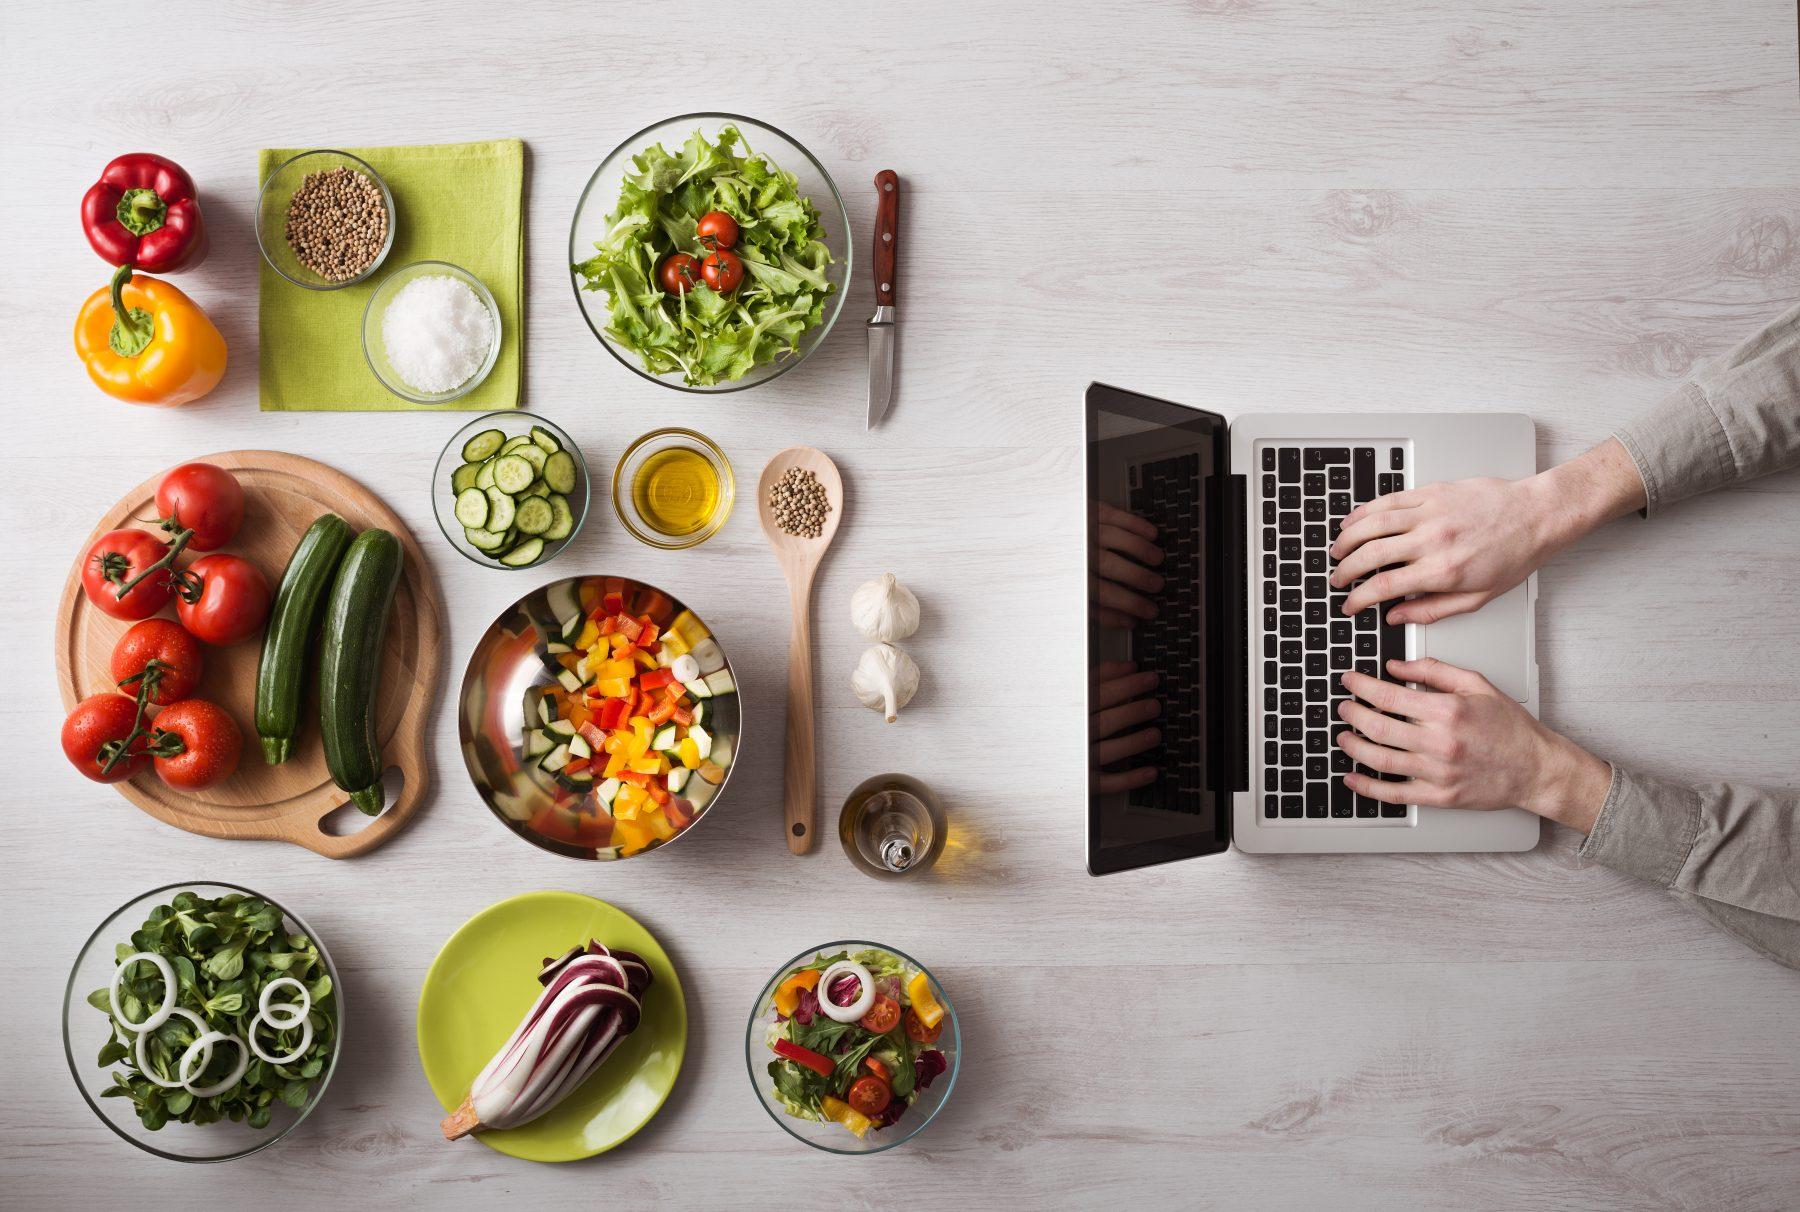 large - table veggies man hand laptop